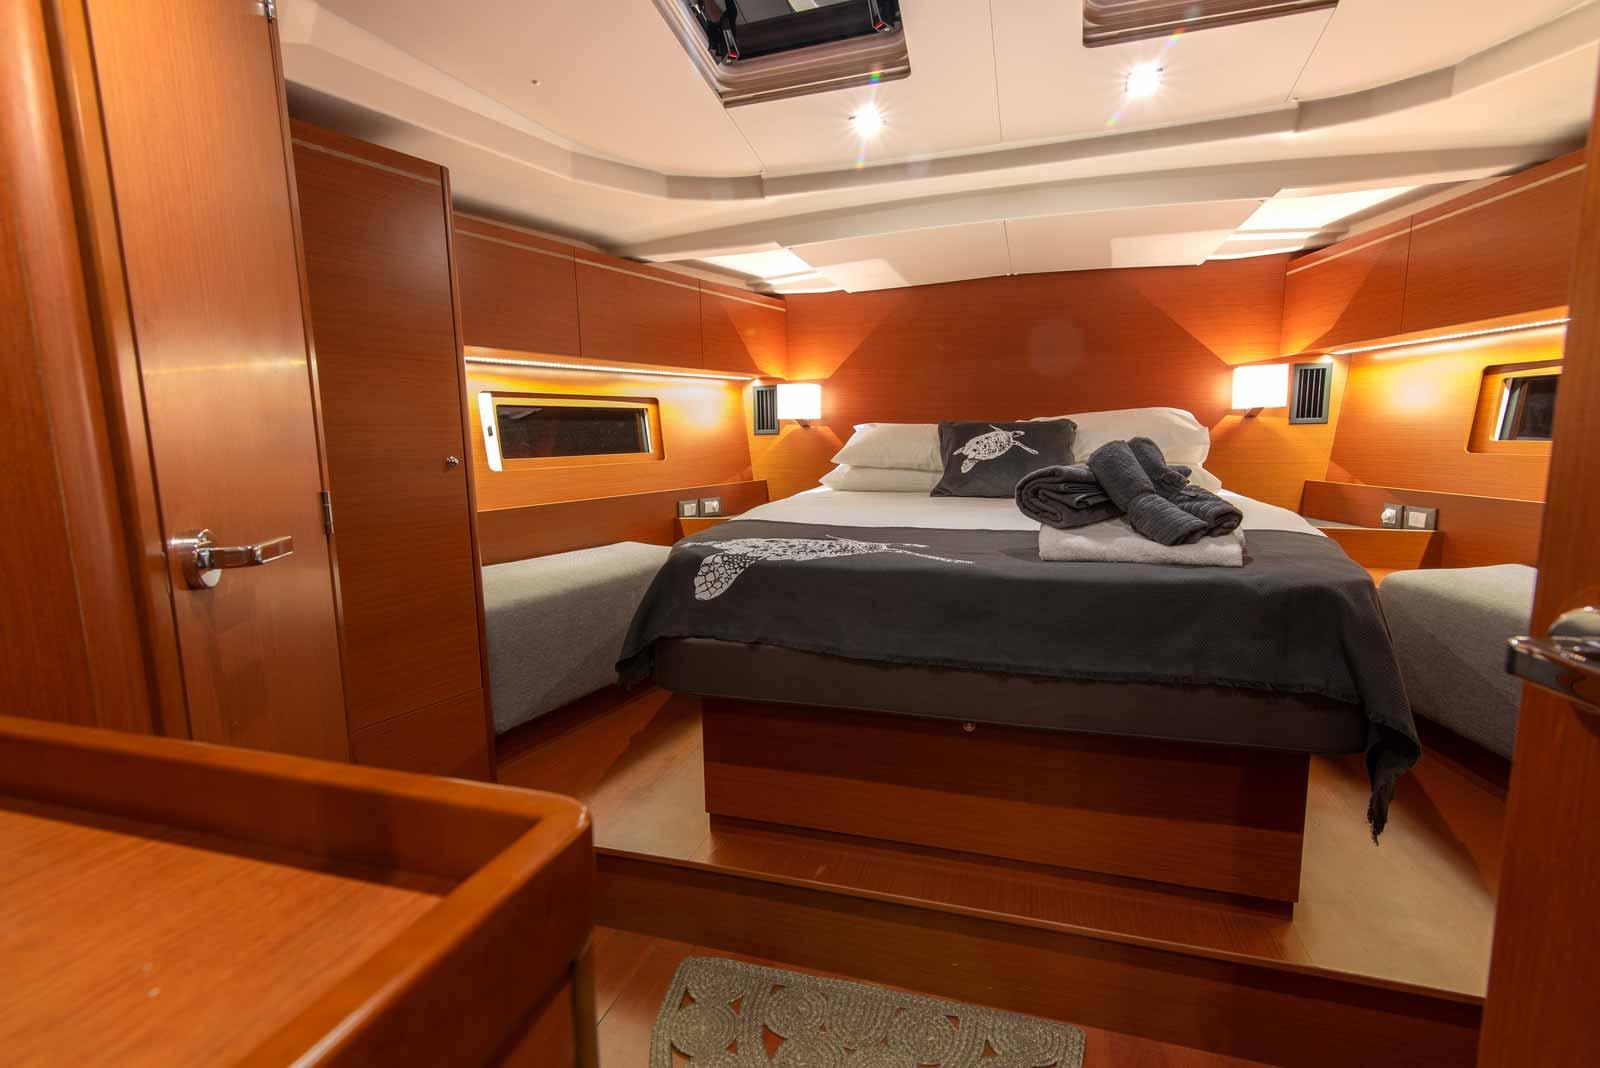 Beneteau-Oceanis-51.1-bed-one